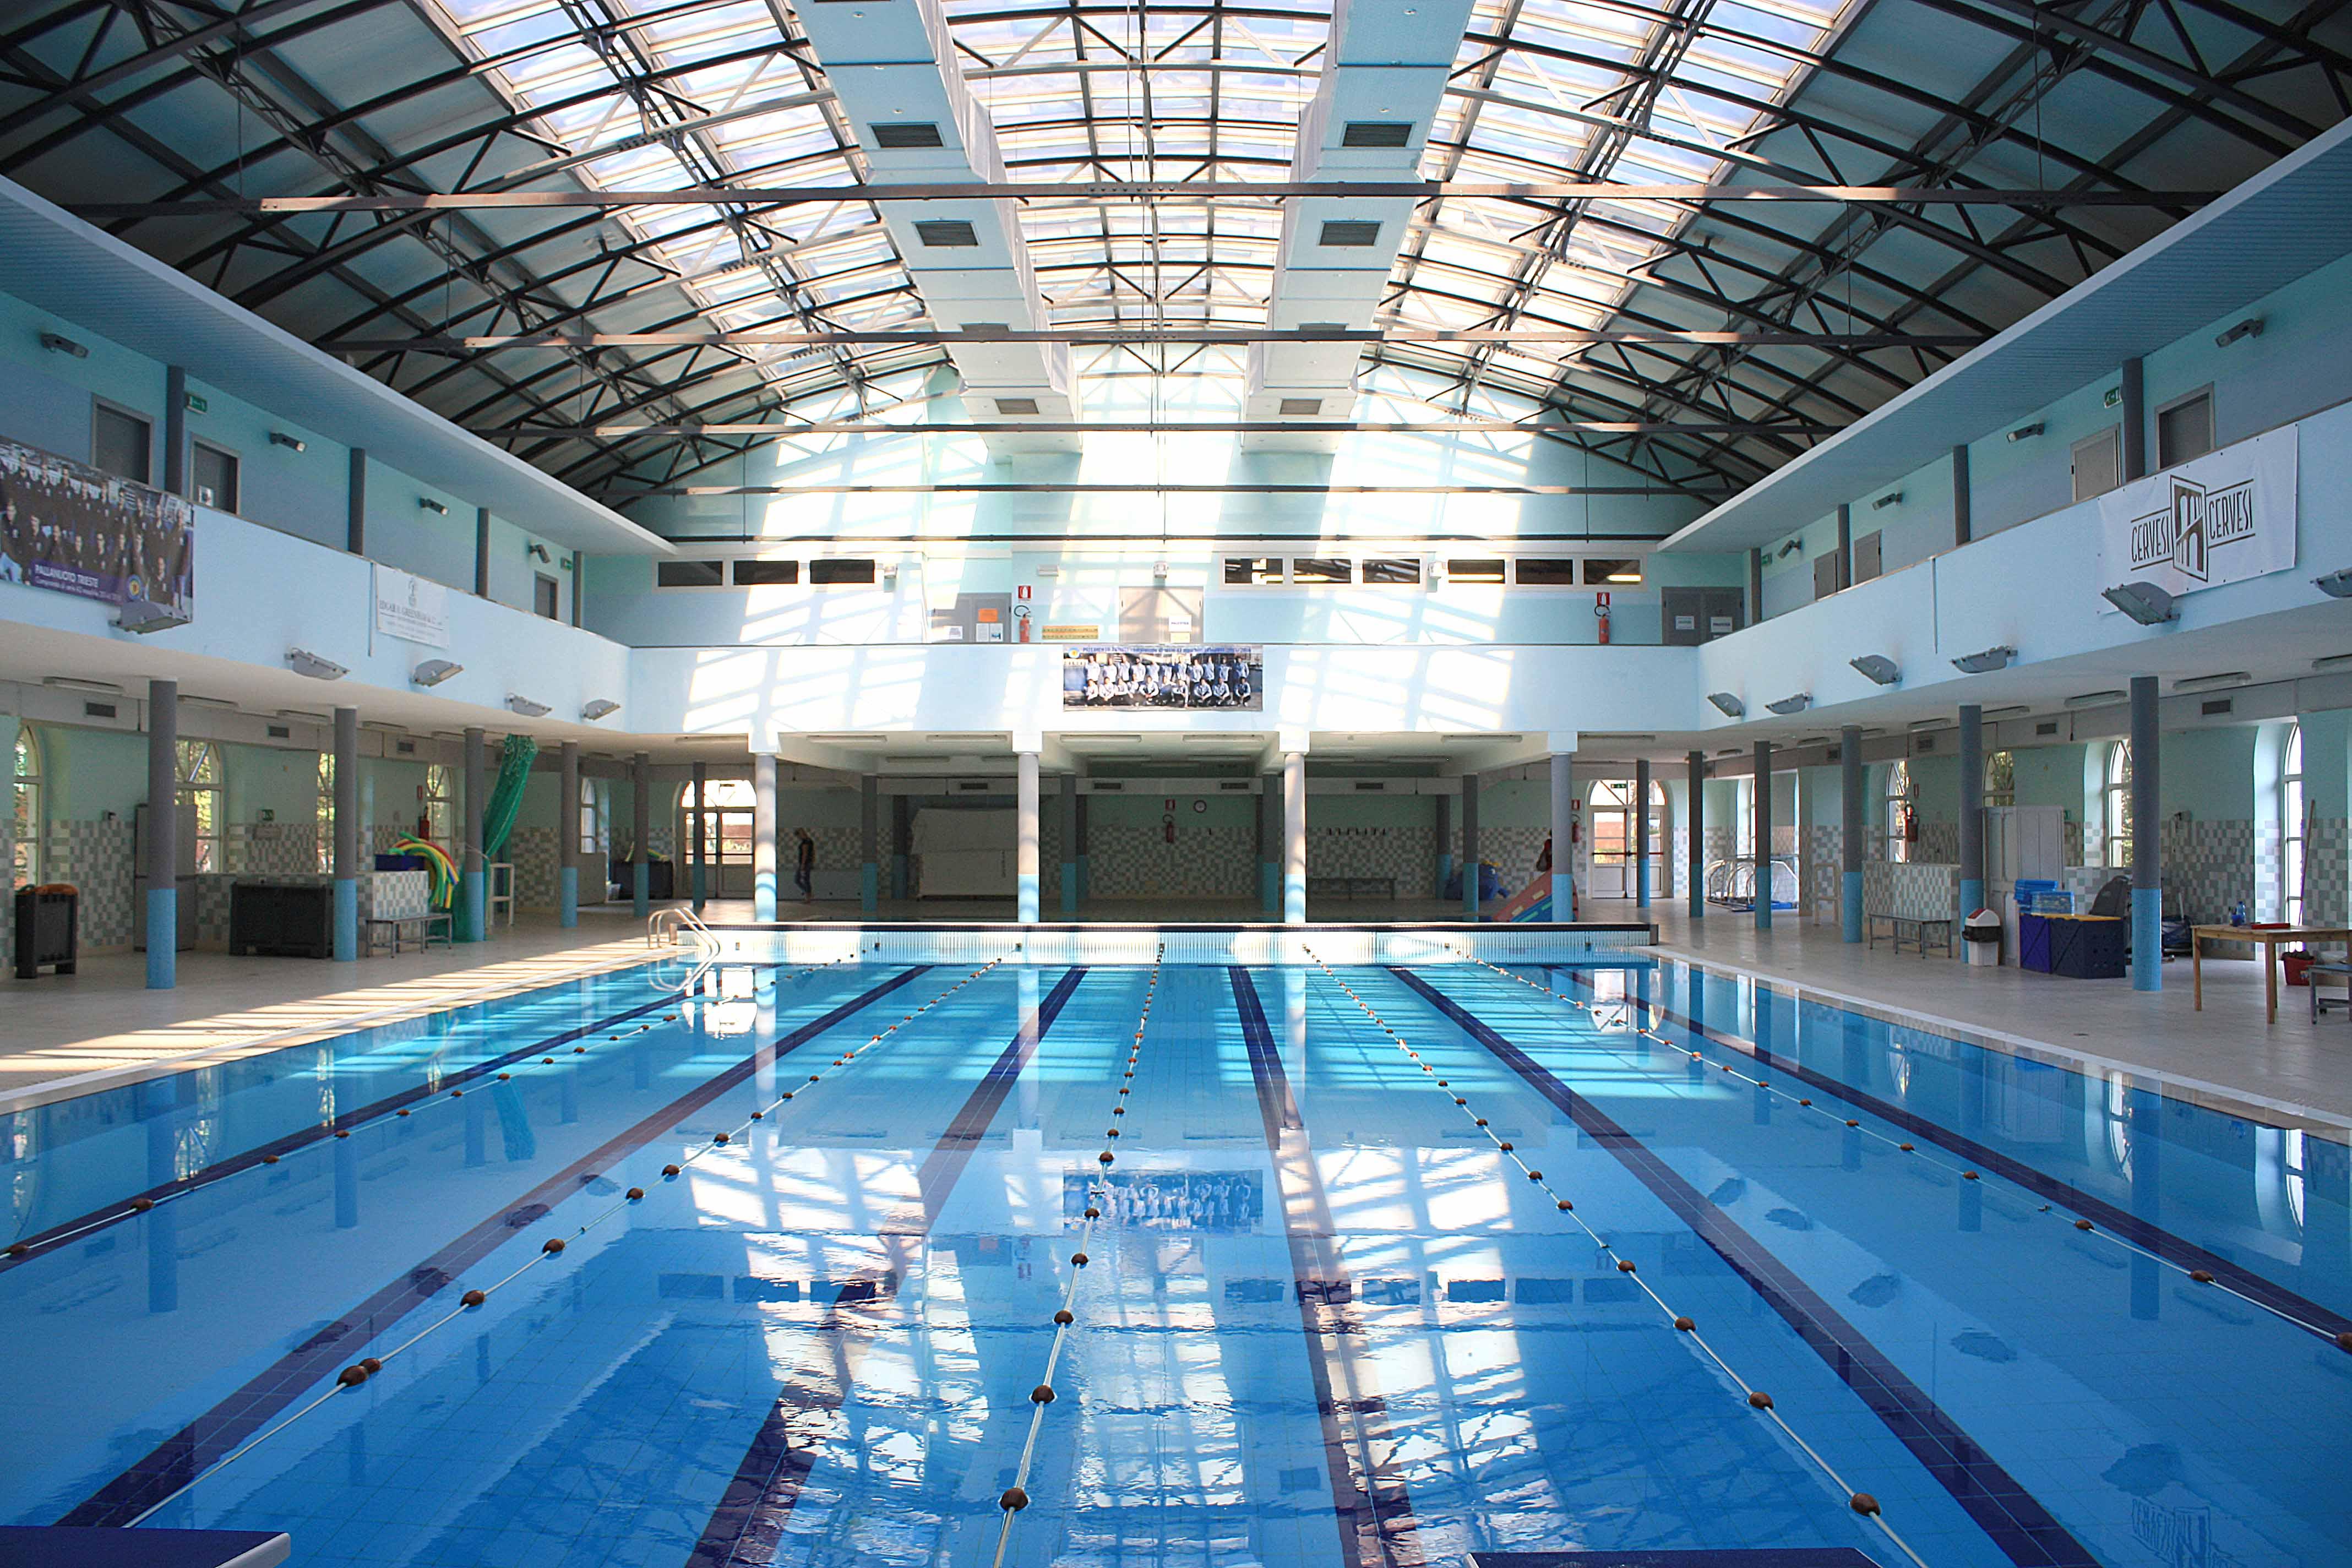 Piscina di san giovanni danni causati dalla pioggia - San giovanni in persiceto piscina ...